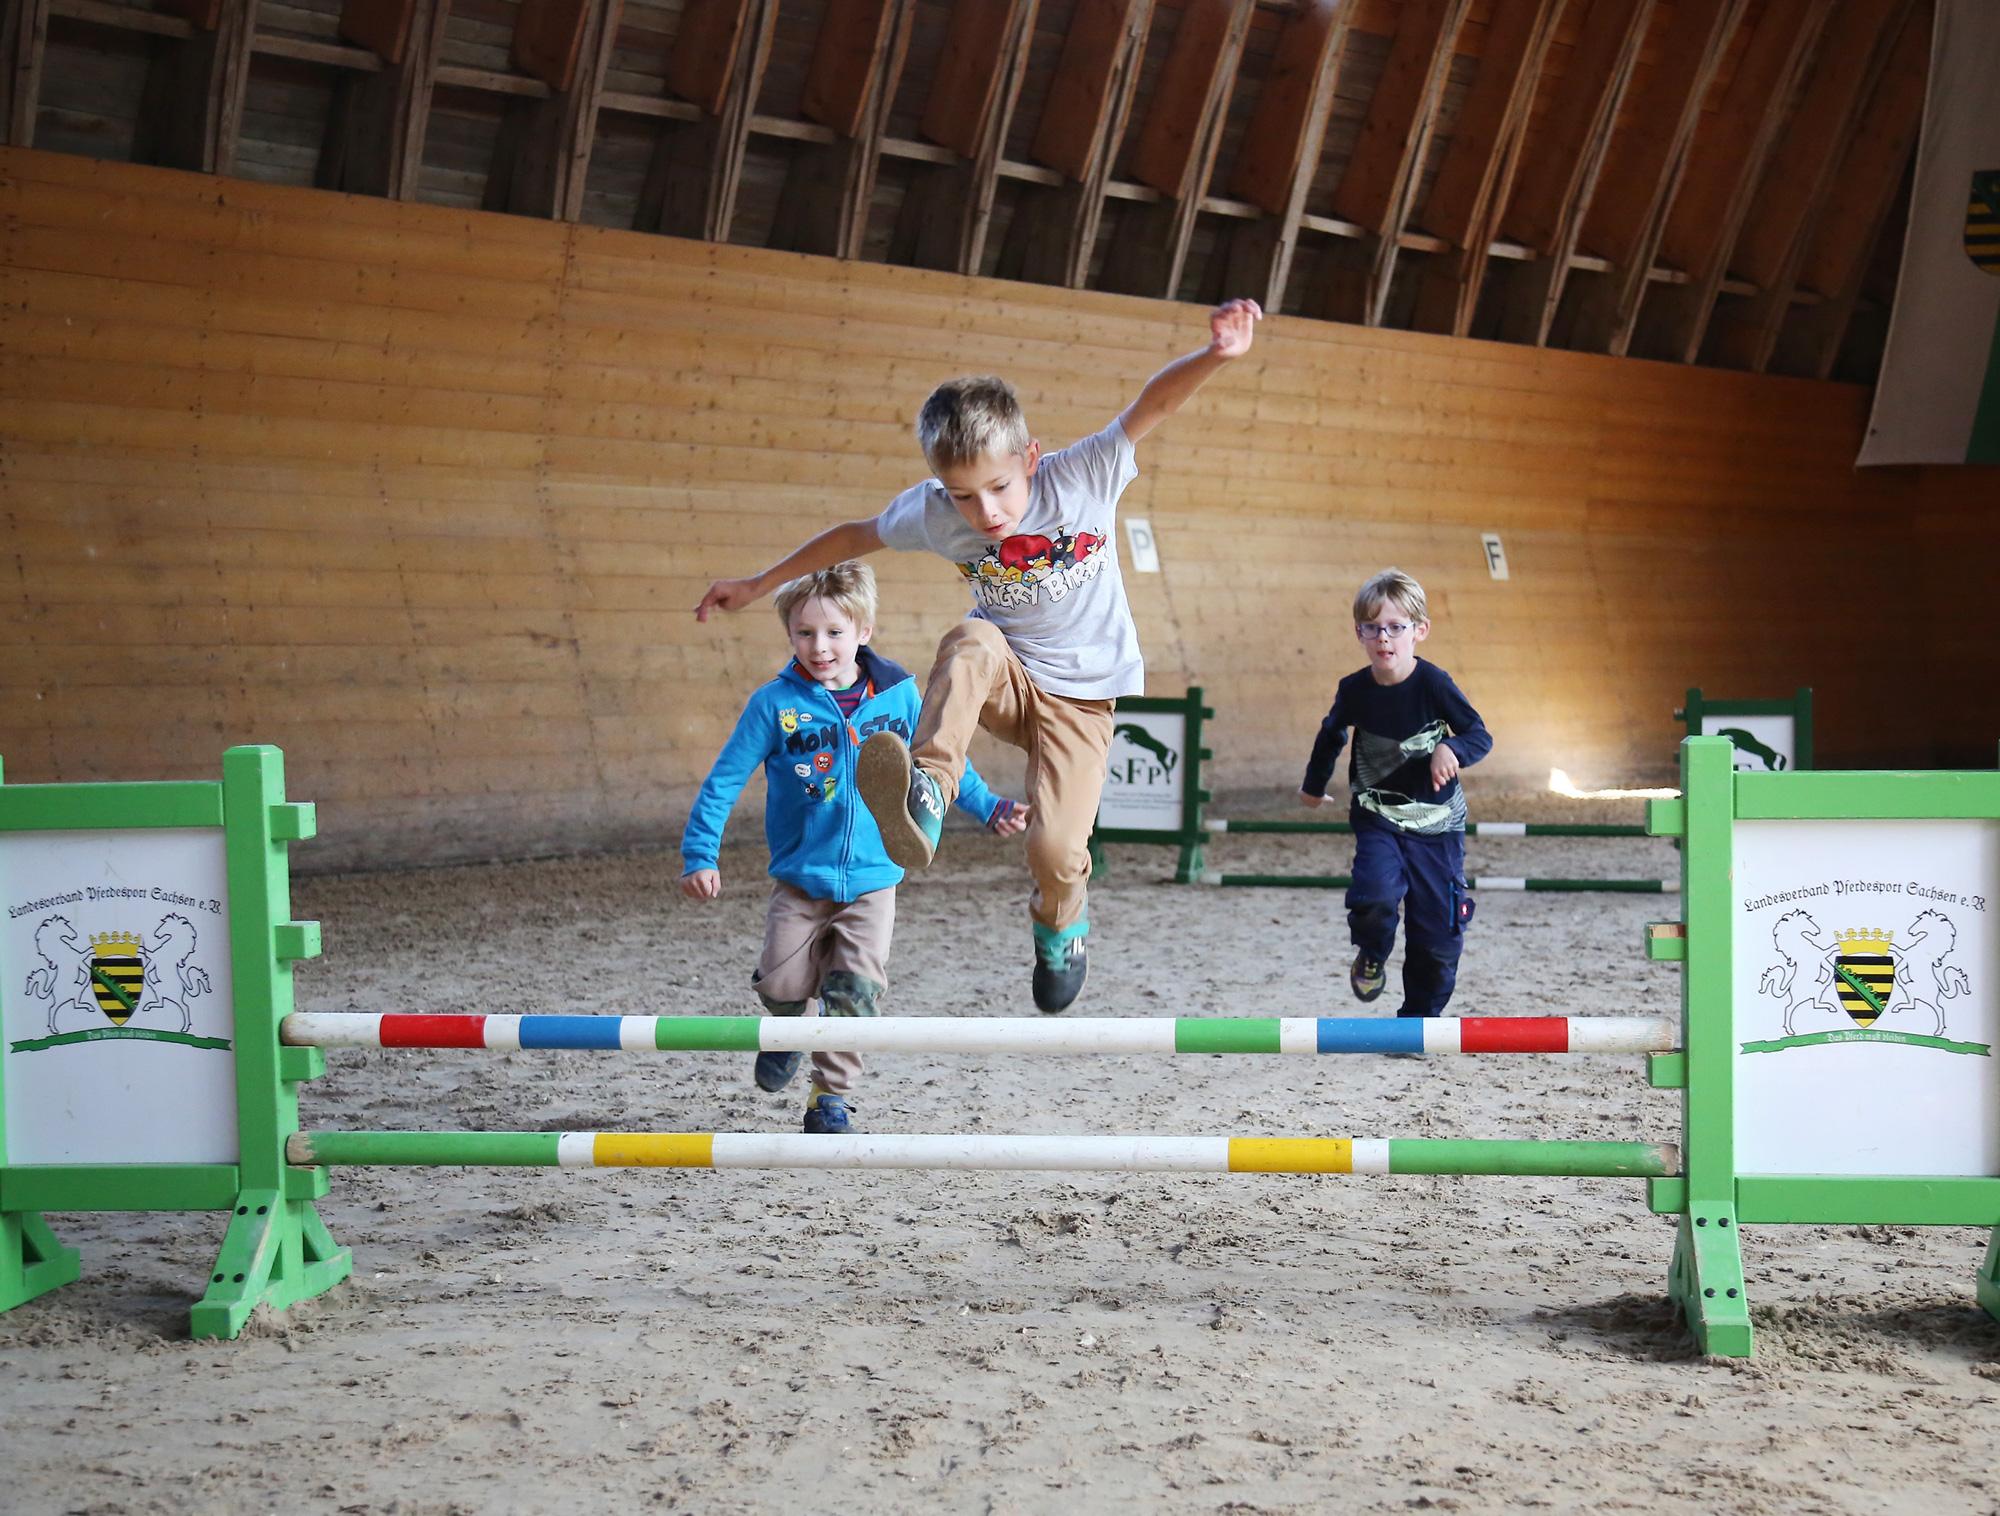 Saechsischer_Kindertag_2021_Hindernisparcours Fotografin Brit Placzek